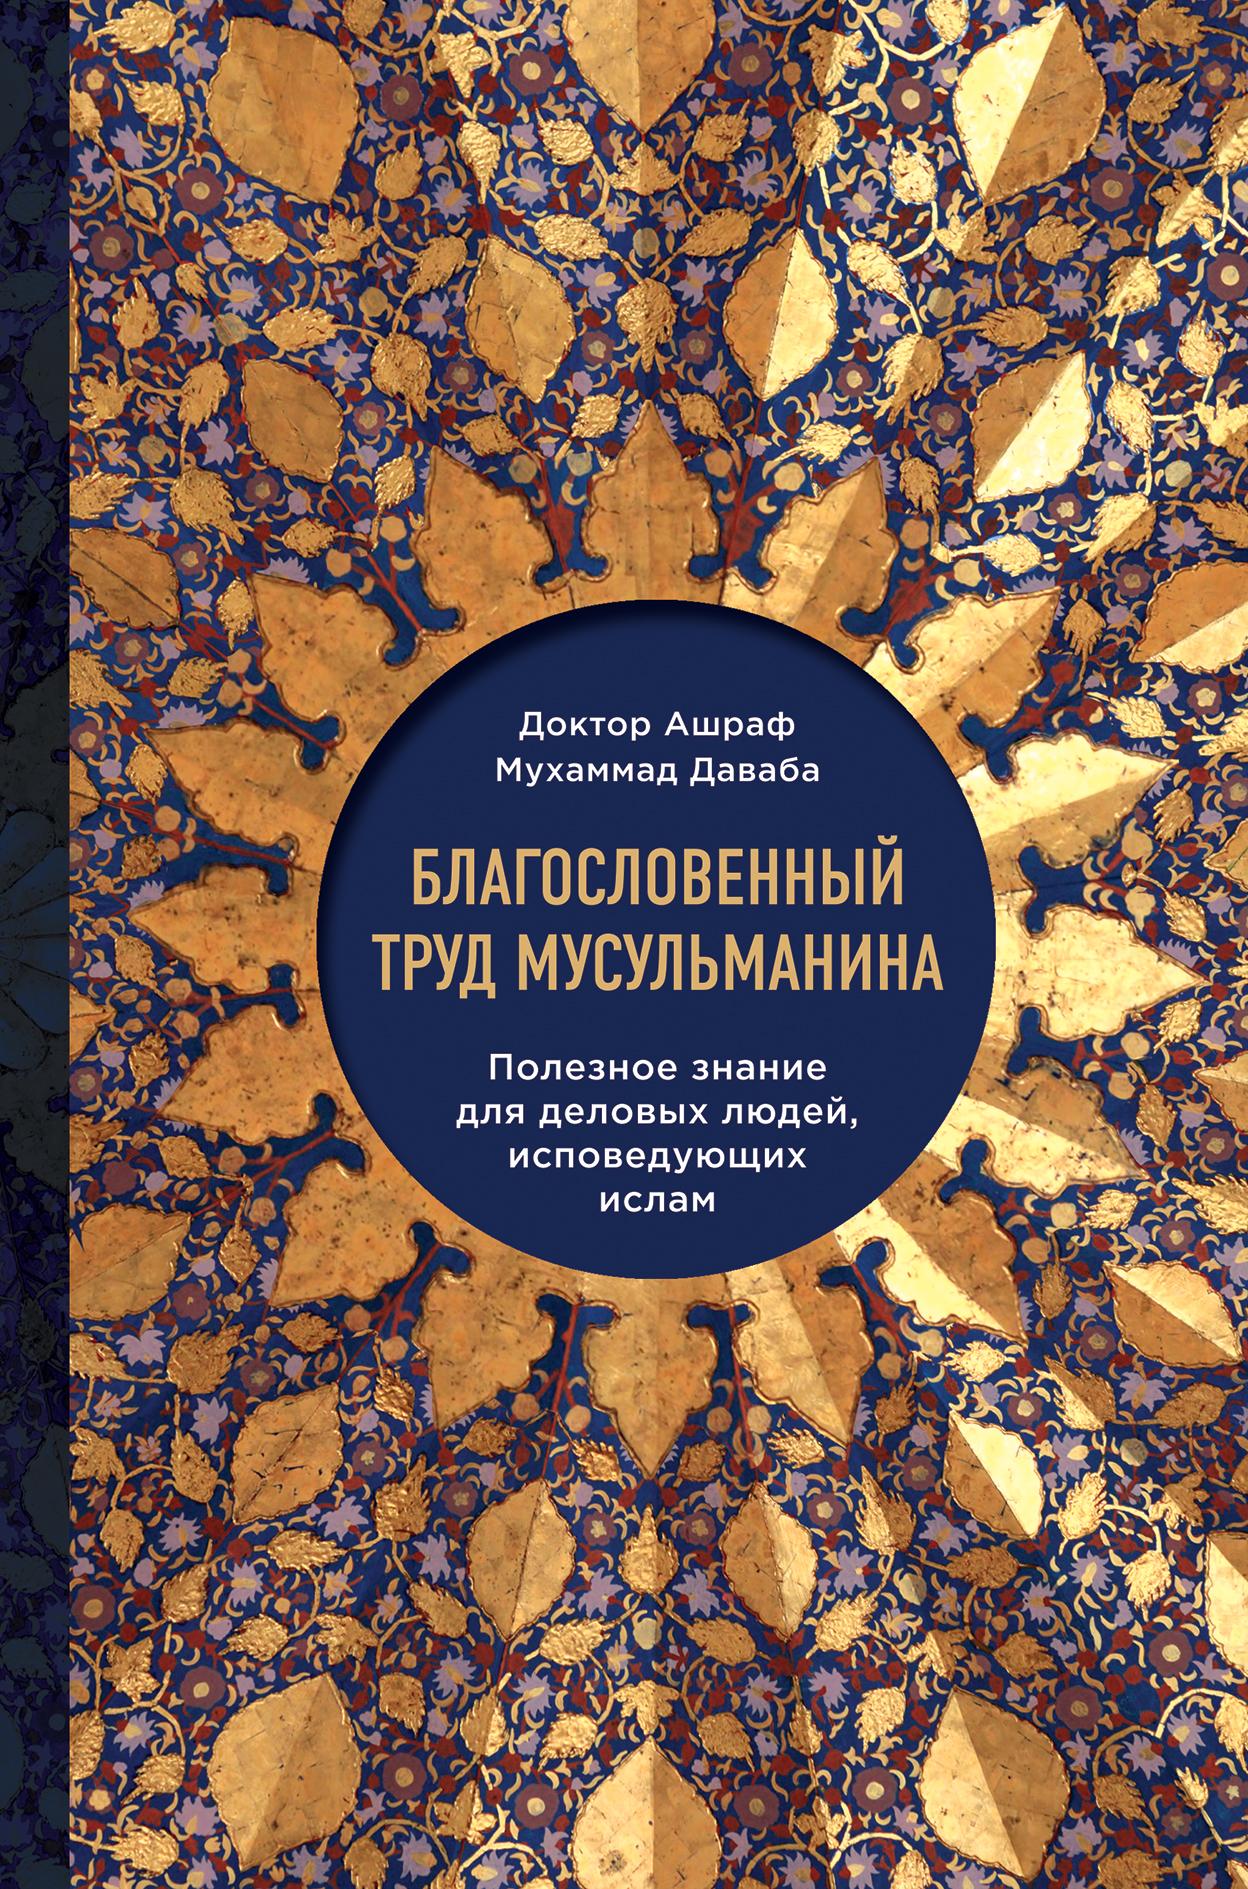 Благословенныи? труд мусульманина. Полезное знание для деловых людеи?, исповедующих ислам